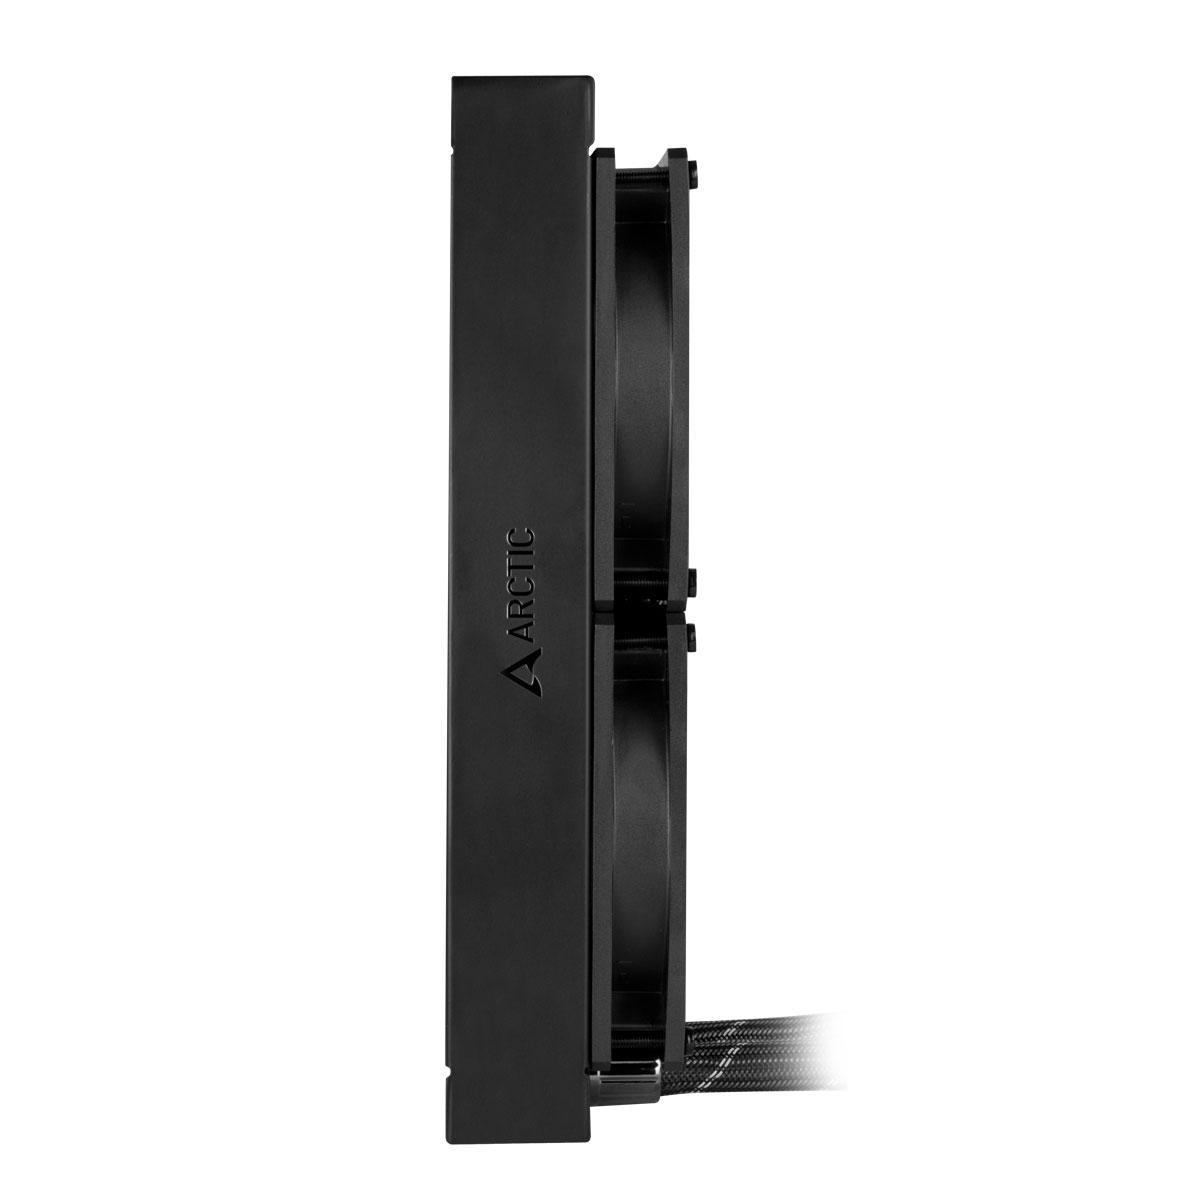 Охладител за процесор Arctic Freezer II (240mm), водно охлаждане, ACFRE00046A AMD/Intel-4